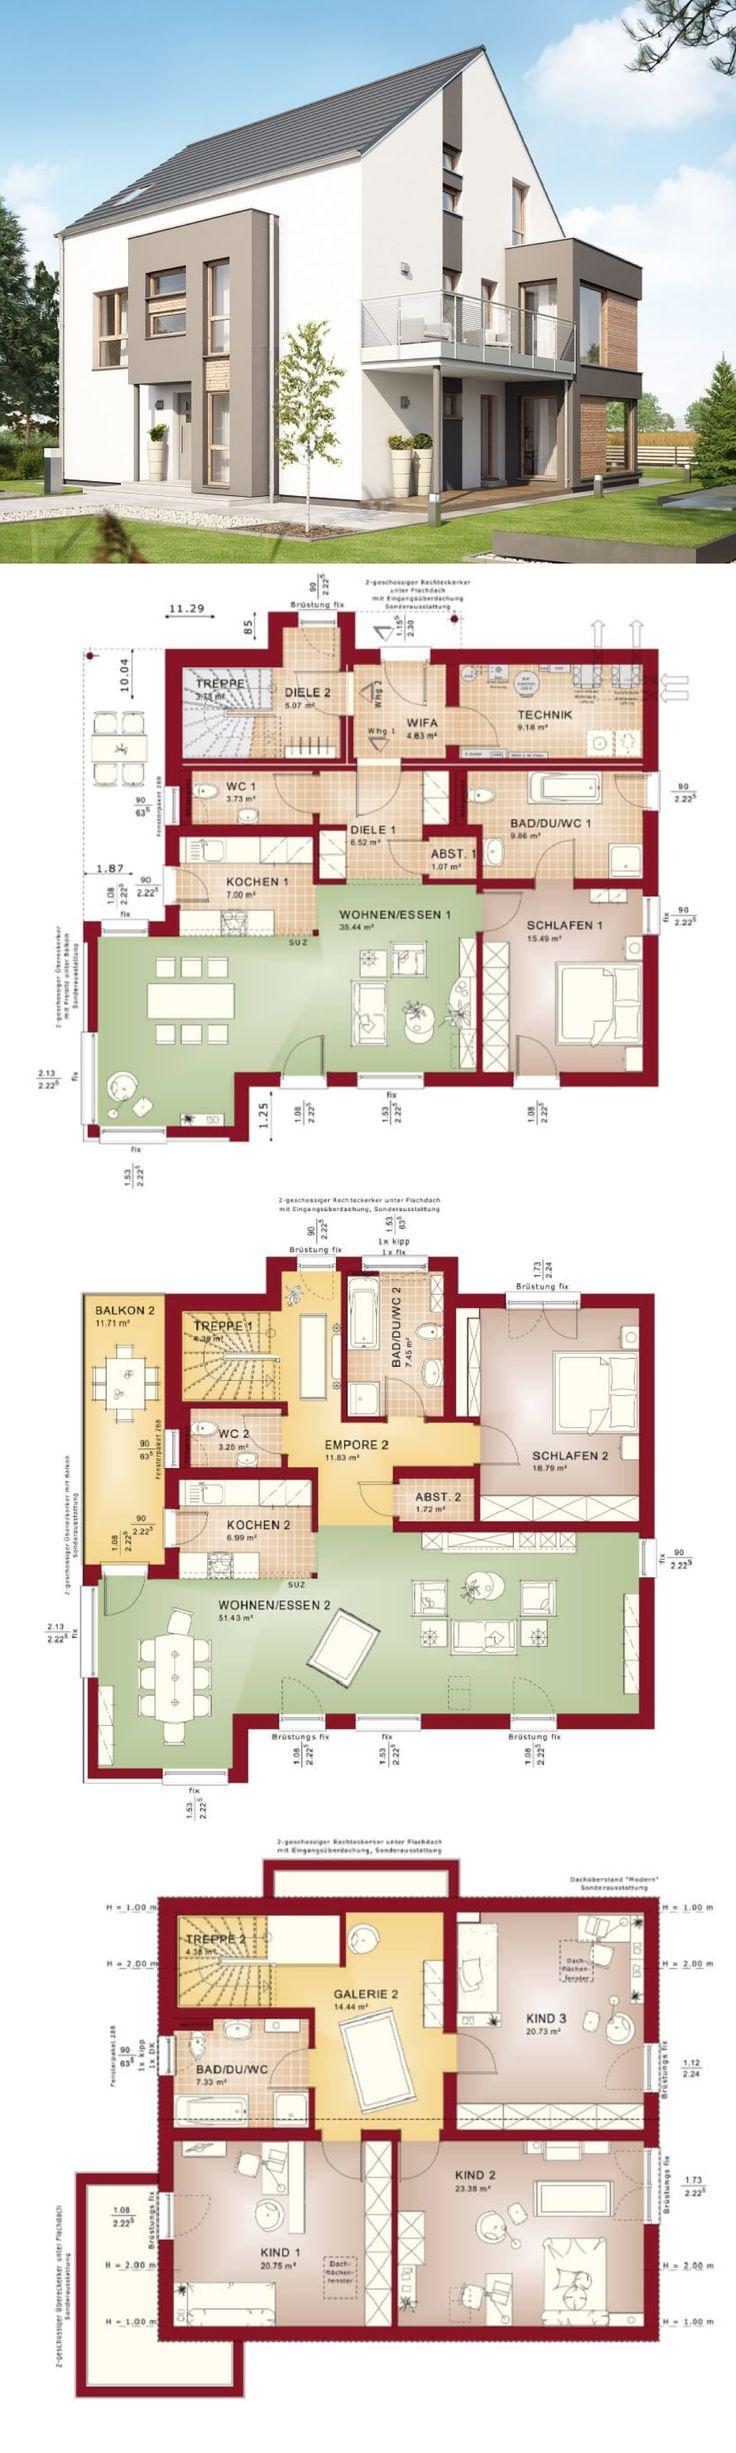 Die besten 25 bien zenker ideen auf pinterest bien for Zweifamilienhaus grundriss fertighaus